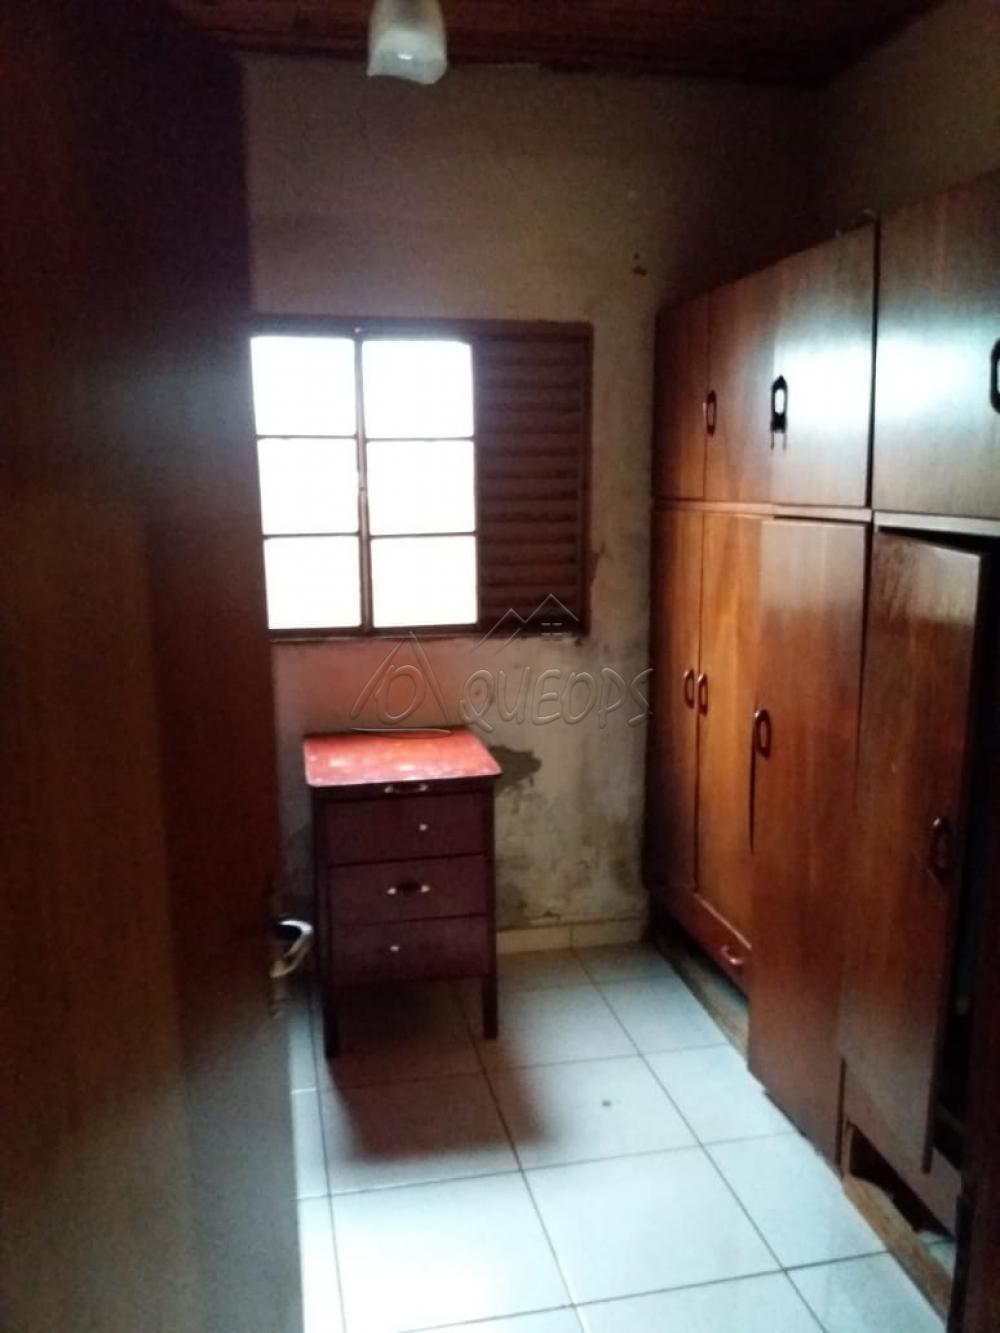 Comprar Casa / Padrão em Barretos R$ 290.000,00 - Foto 3